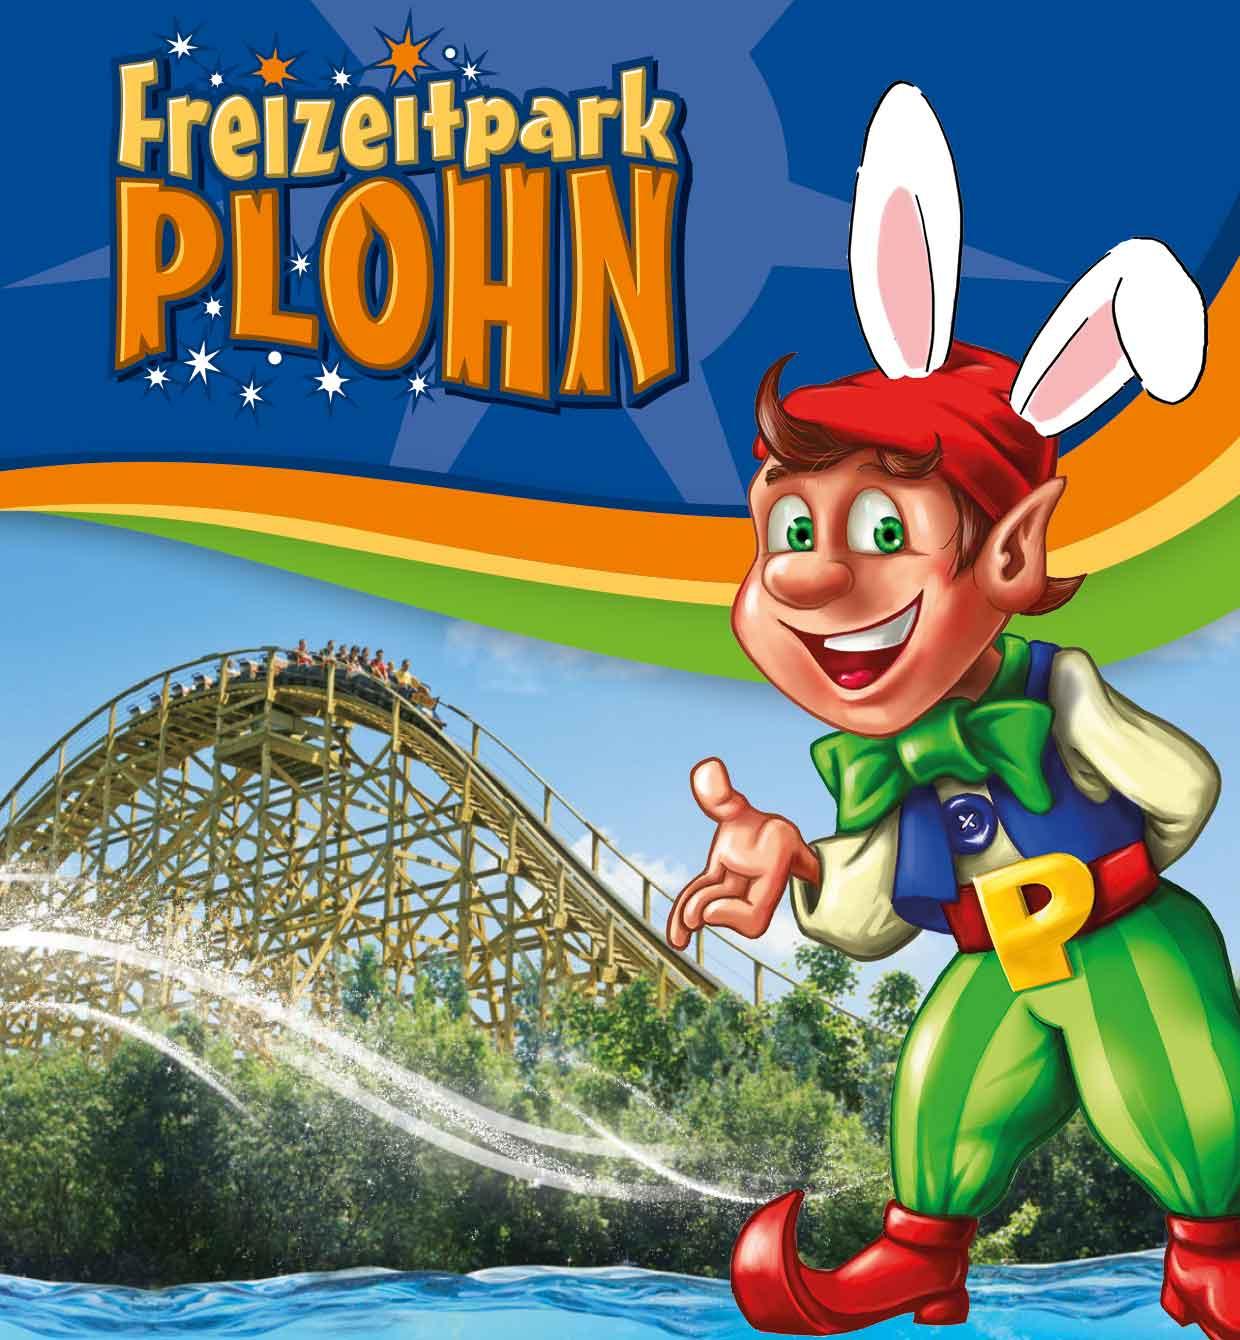 Freizeitpark Plohn Tageskarte Oster-Special (Erwachsene)